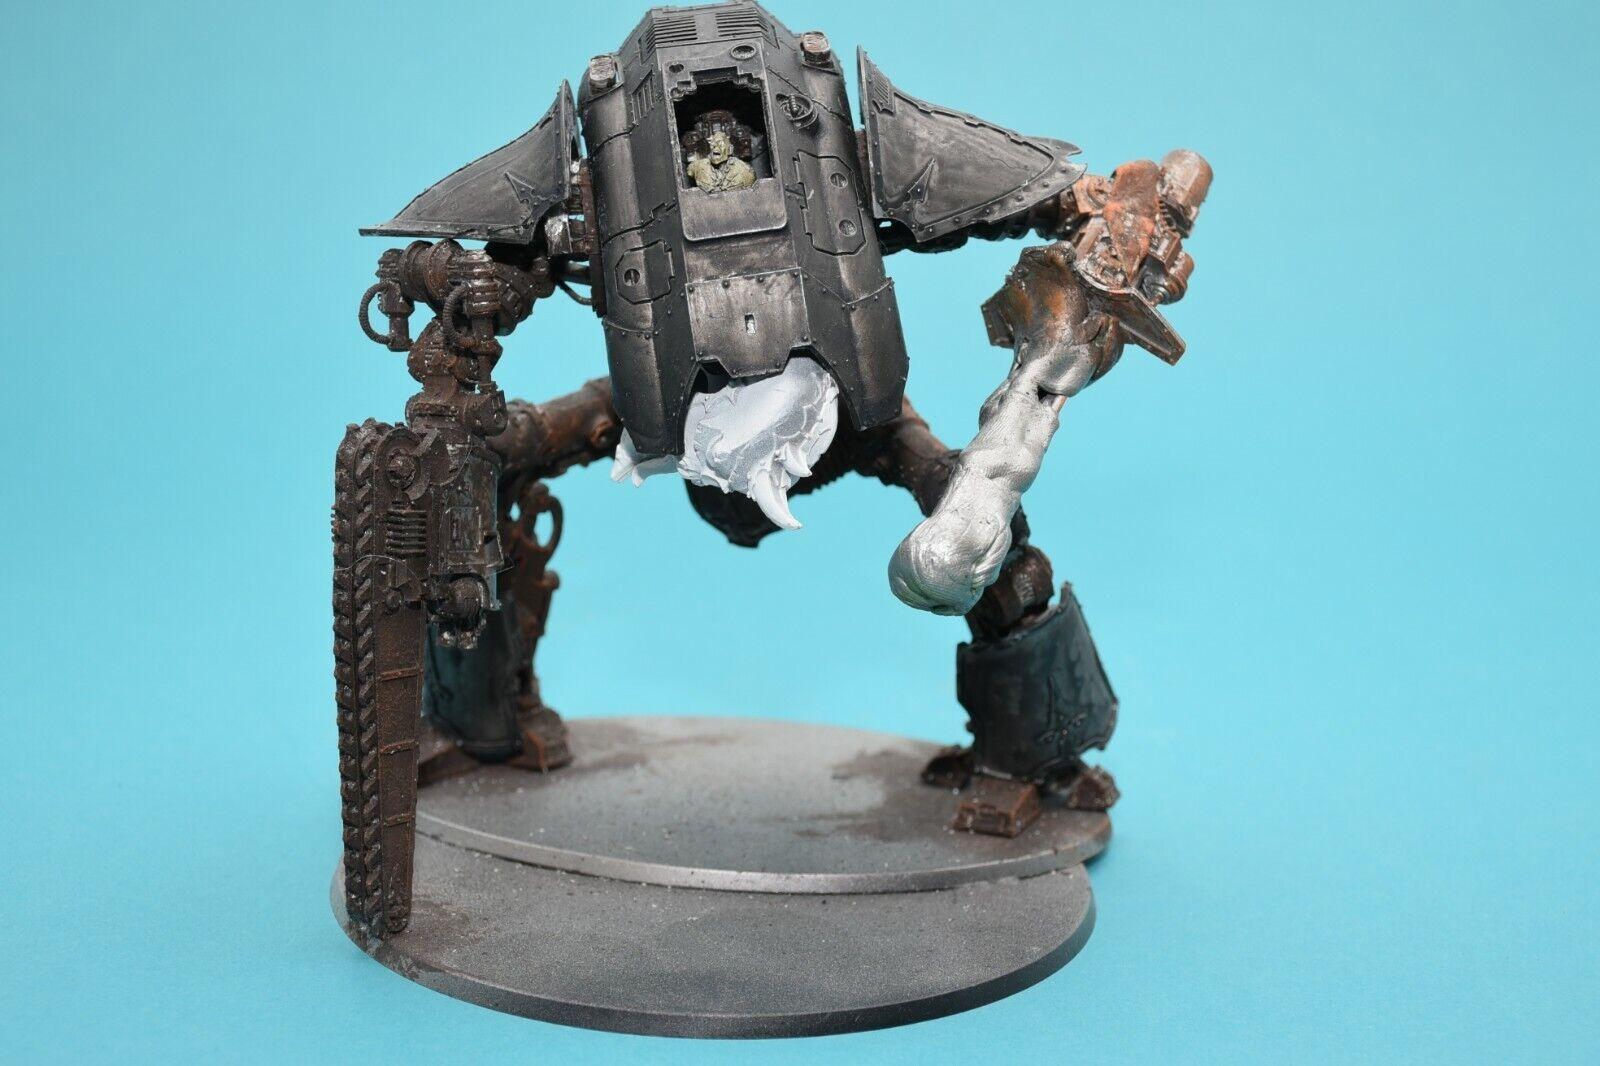 Warhammer 40k Death Guard Cerastus Knight Acheron.massa2